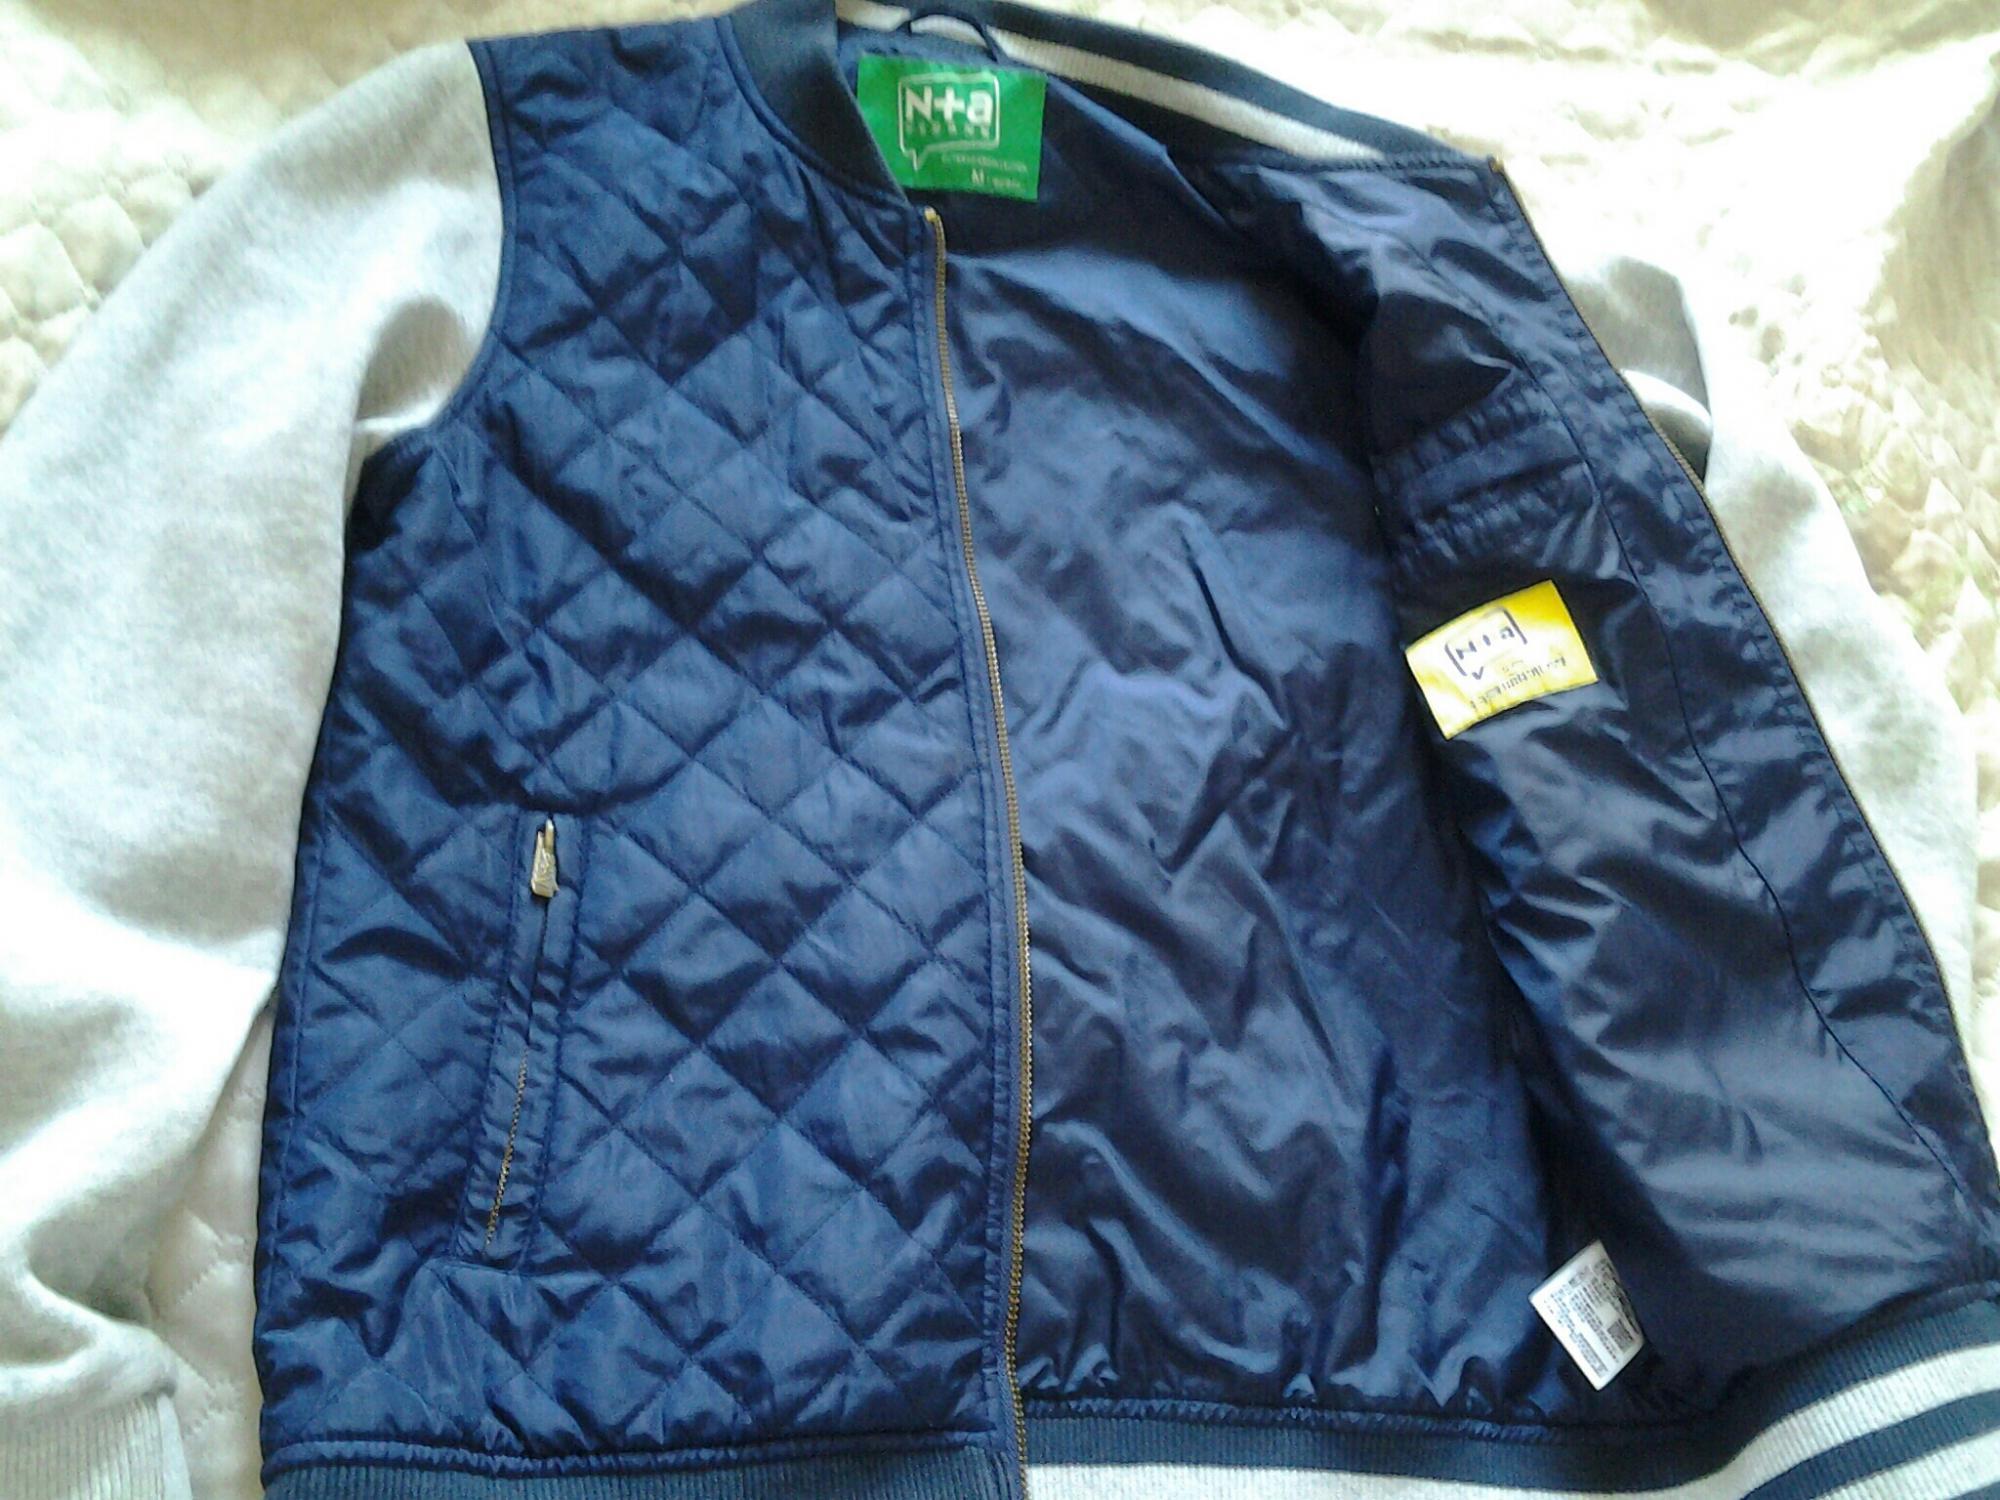 куртка муж М в Москве 89164909941 купить 2